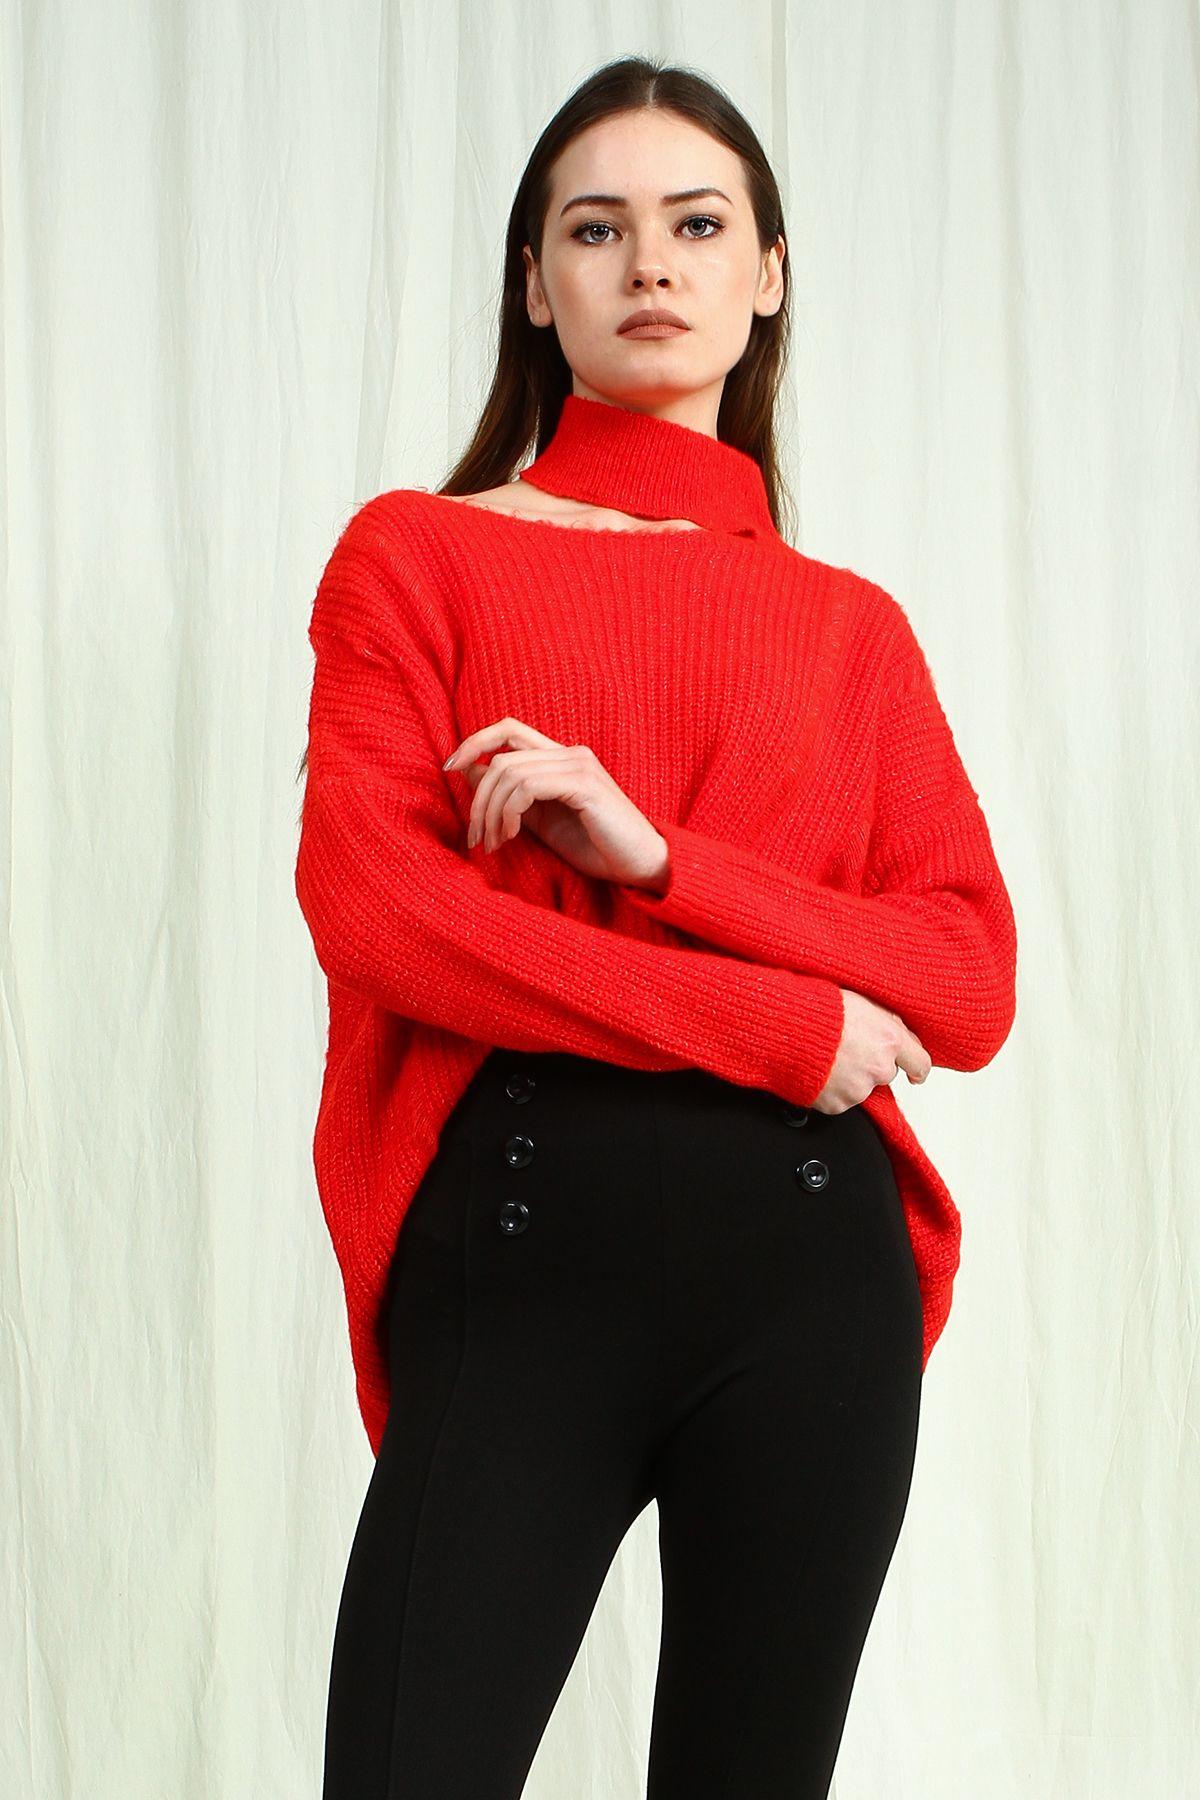 Kadin Kirmizi Regular Yarim Bogazli Kazak Kazak Modelleri Bayan Kazak Kombinleri Triko Kazak Triko Kazak Modelleri Kadin Kaza 2020 Kadin Bogazli Kazak Triko